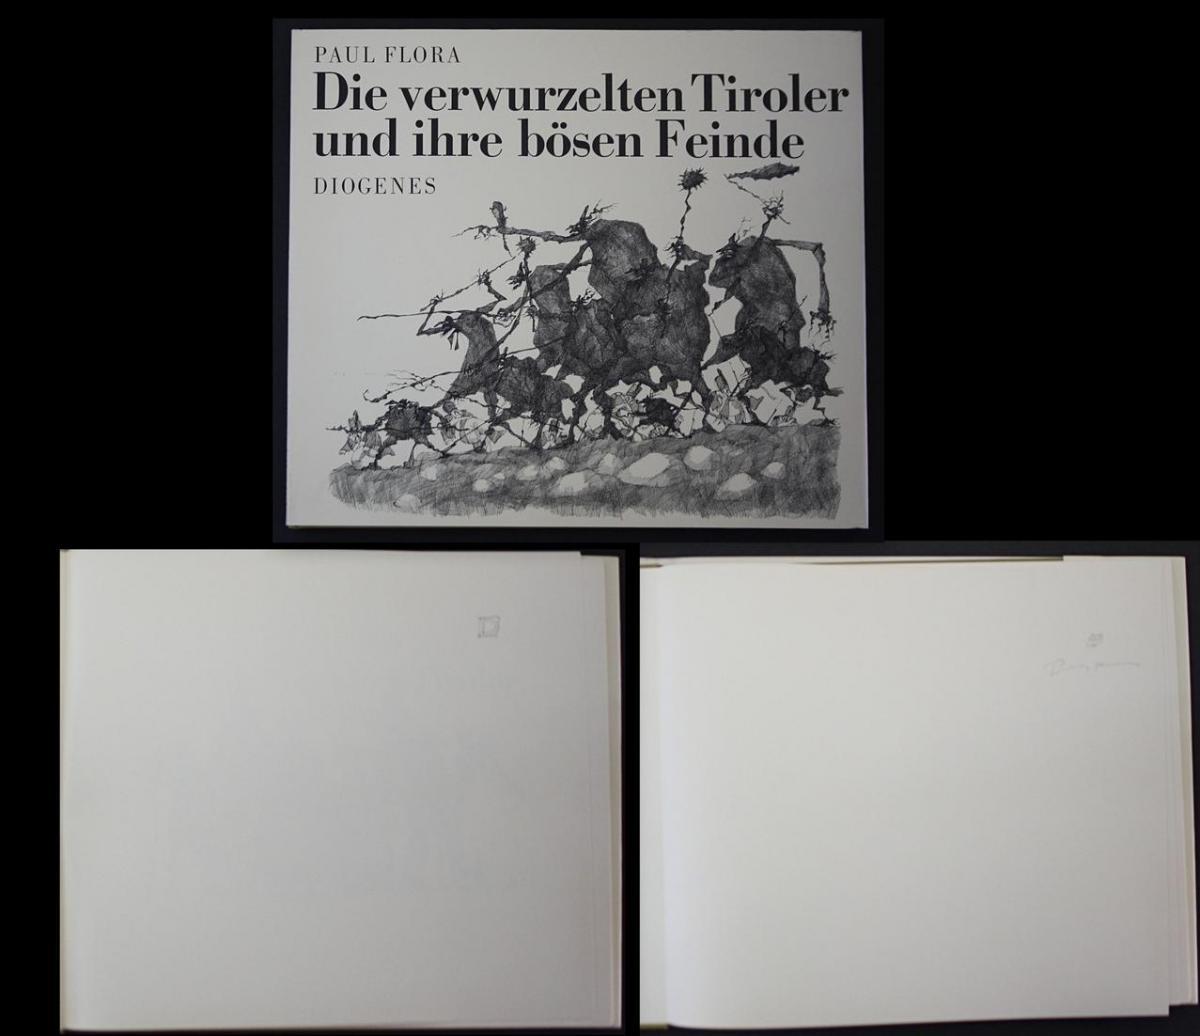 Die verwurzelten Tiroler und ihre bösen Feinde 0